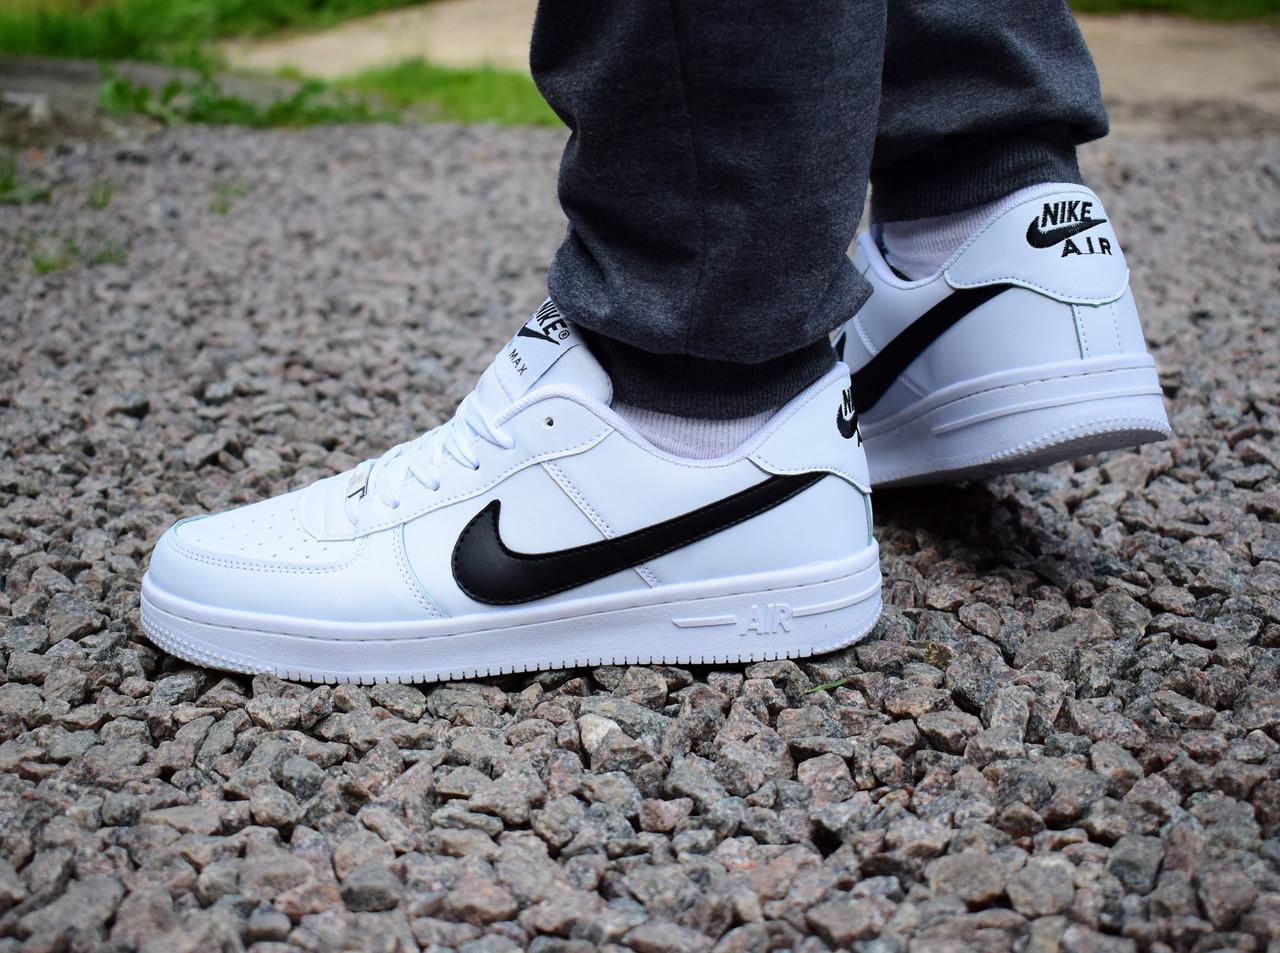 Кросівки чоловічі Nike air force білі купити в Україні оптом і в роздріб 81a845dfca49f